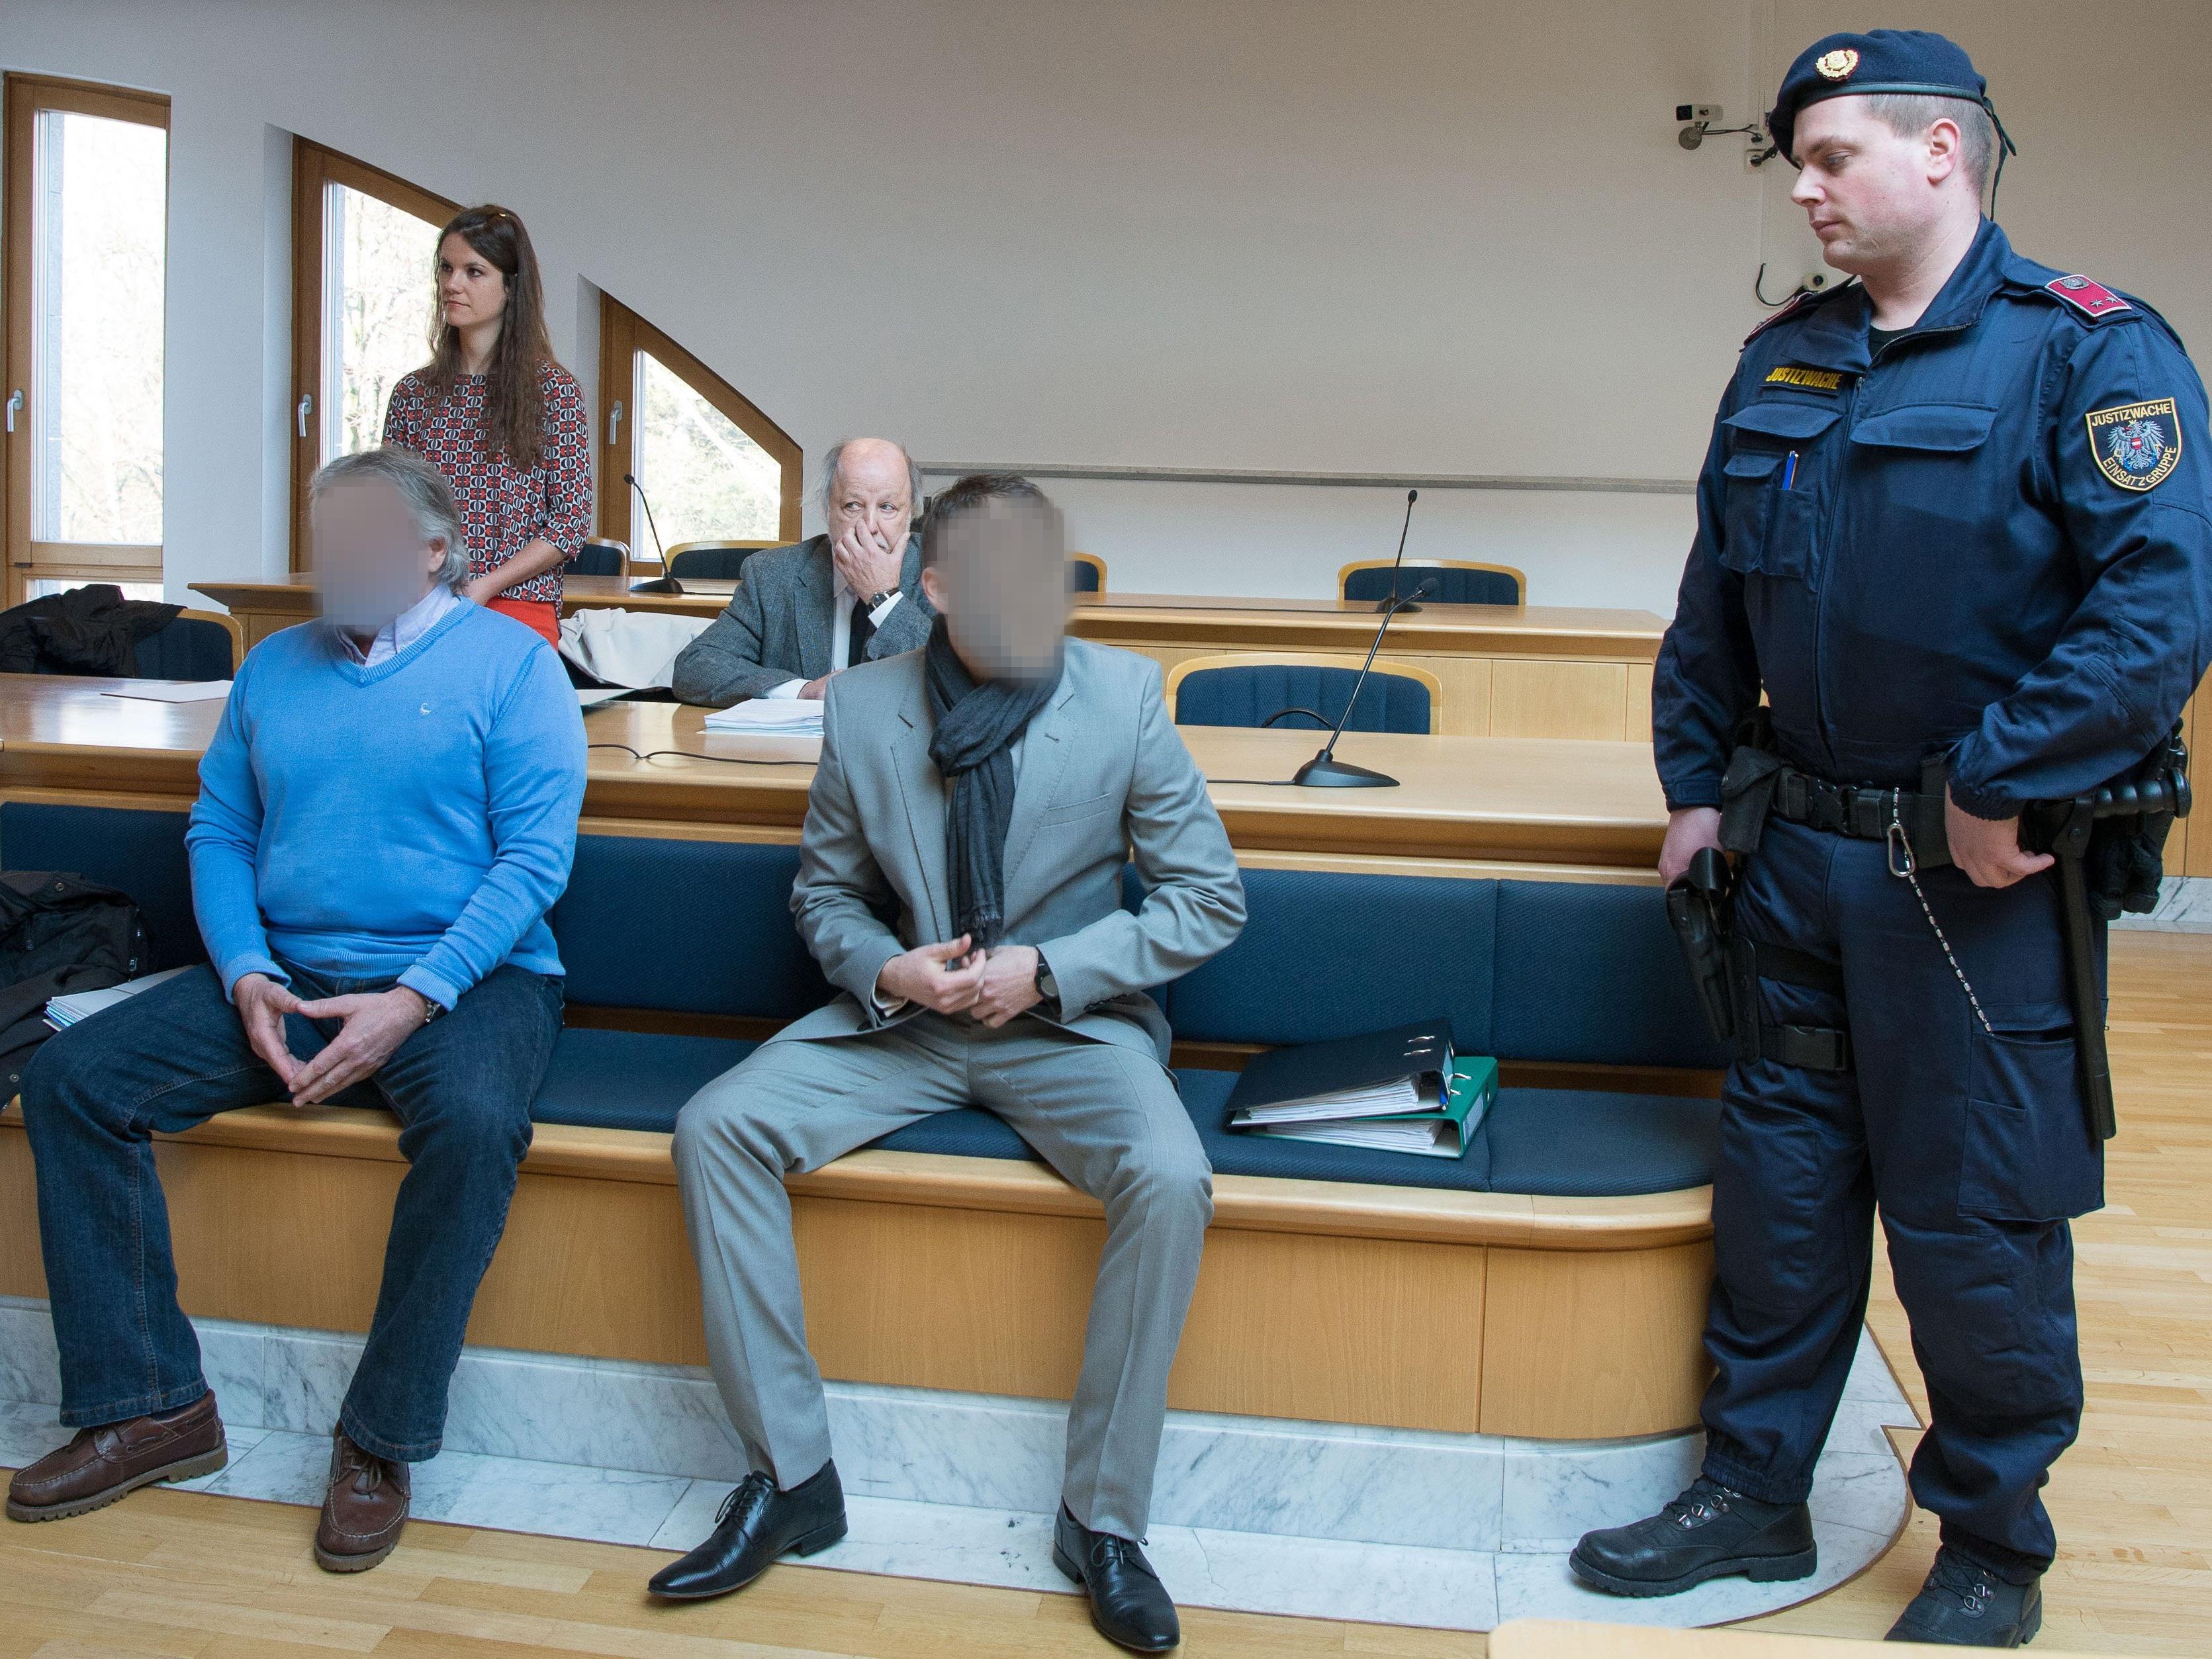 Angeklagte nicht rechtskräftig für Transport von zumindest 500 Kilogramm Kokain verurteilt.